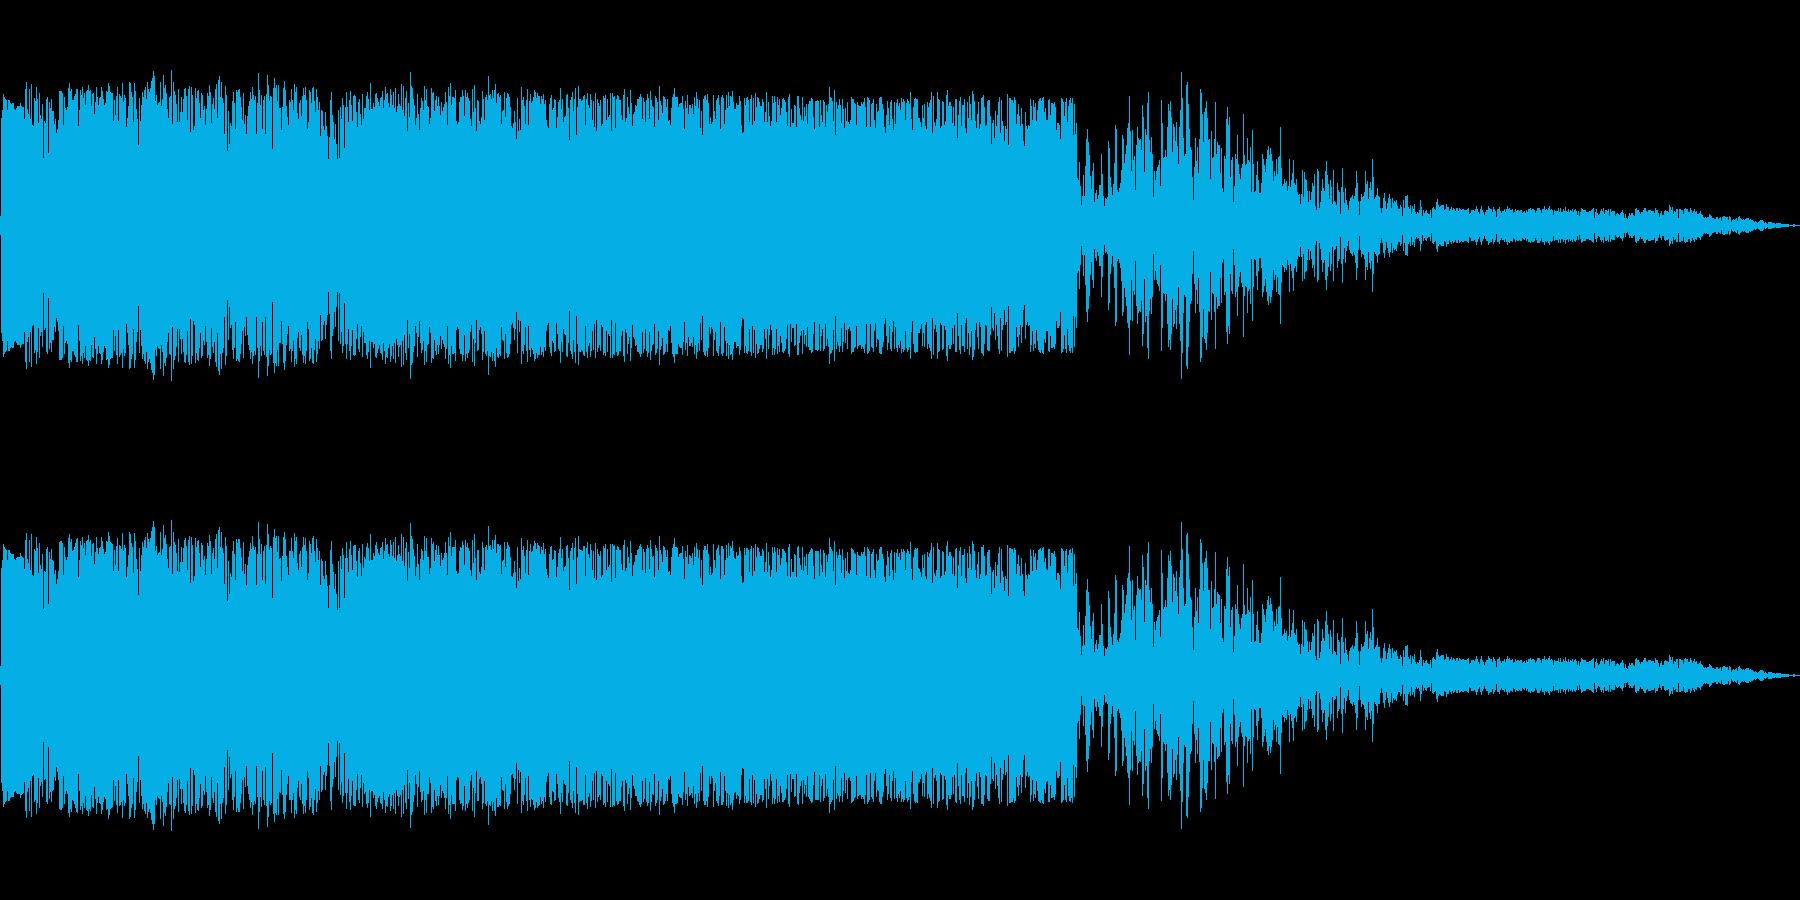 ズシャッ(斬る、斬撃の音)の再生済みの波形